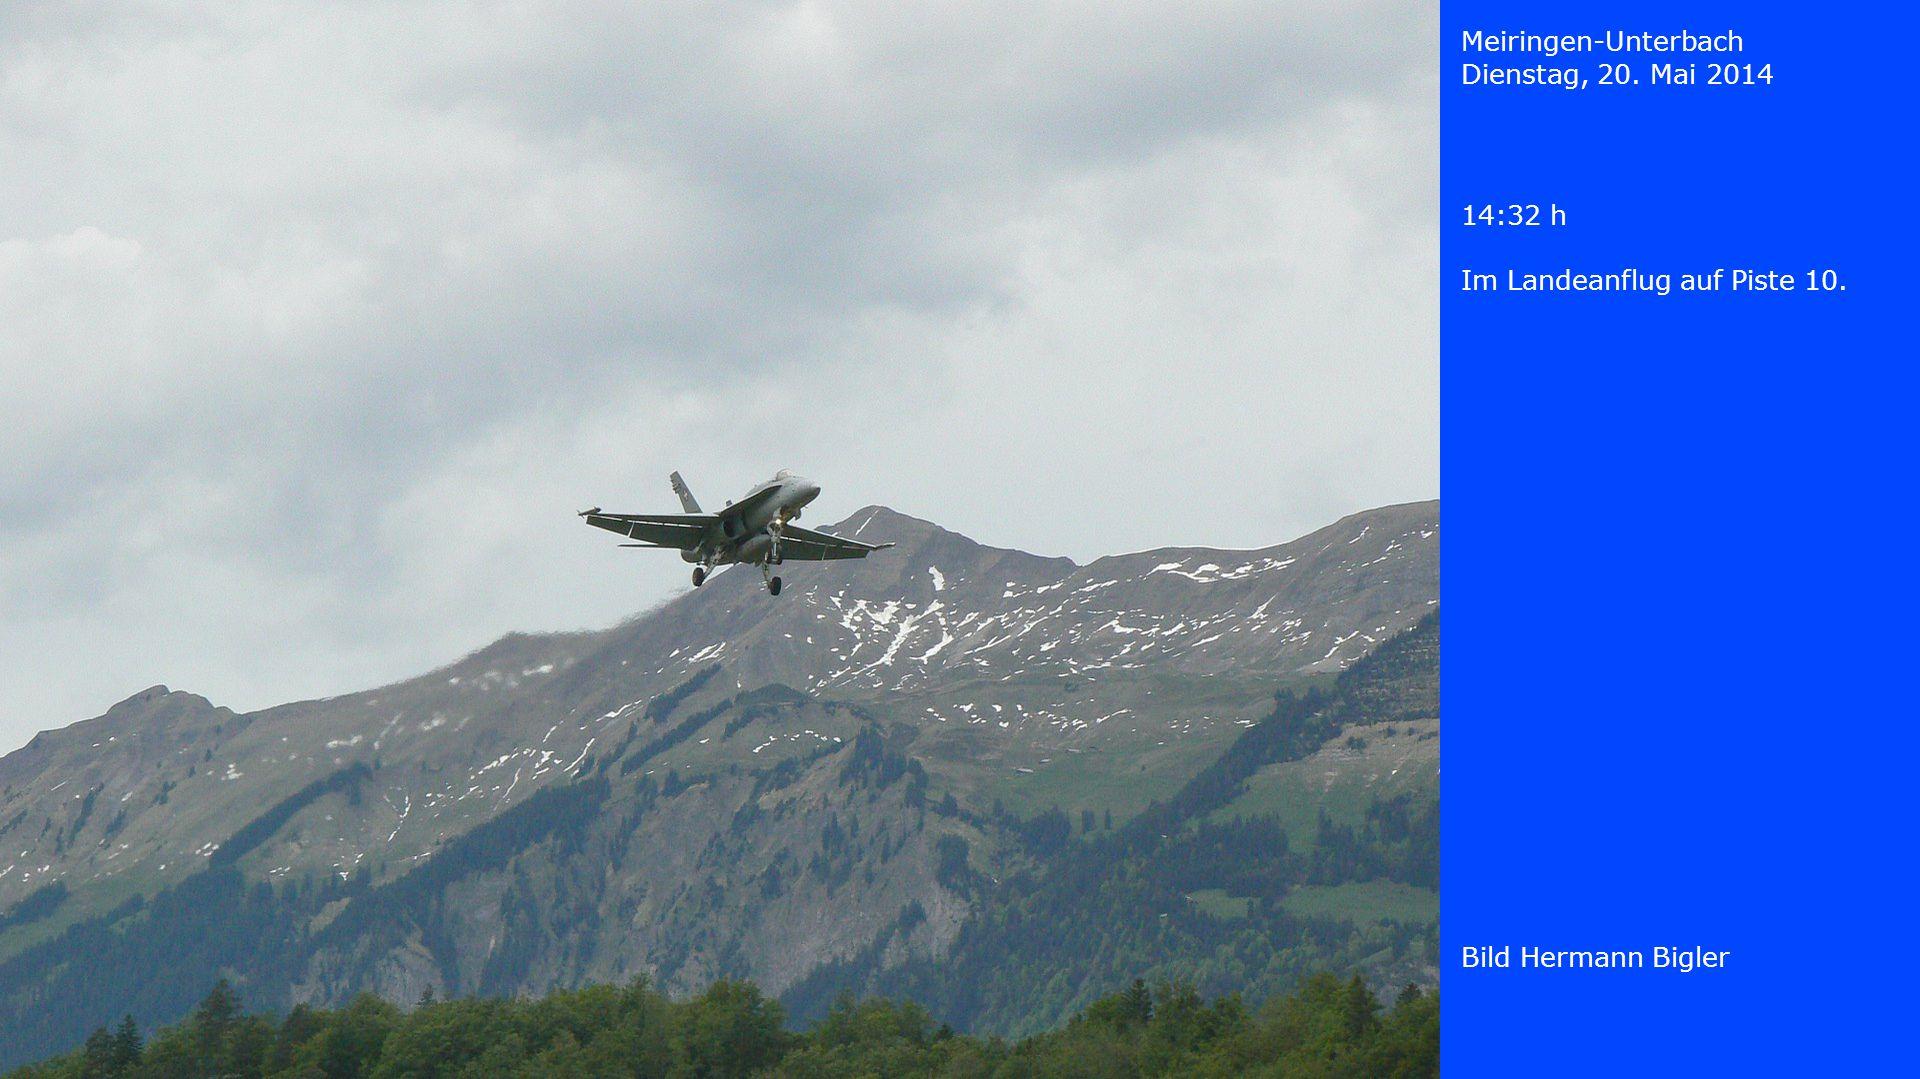 Meiringen-Unterbach Dienstag, 20. Mai 2014 14:32 h Im Landeanflug auf Piste 10. Bild Hermann Bigler